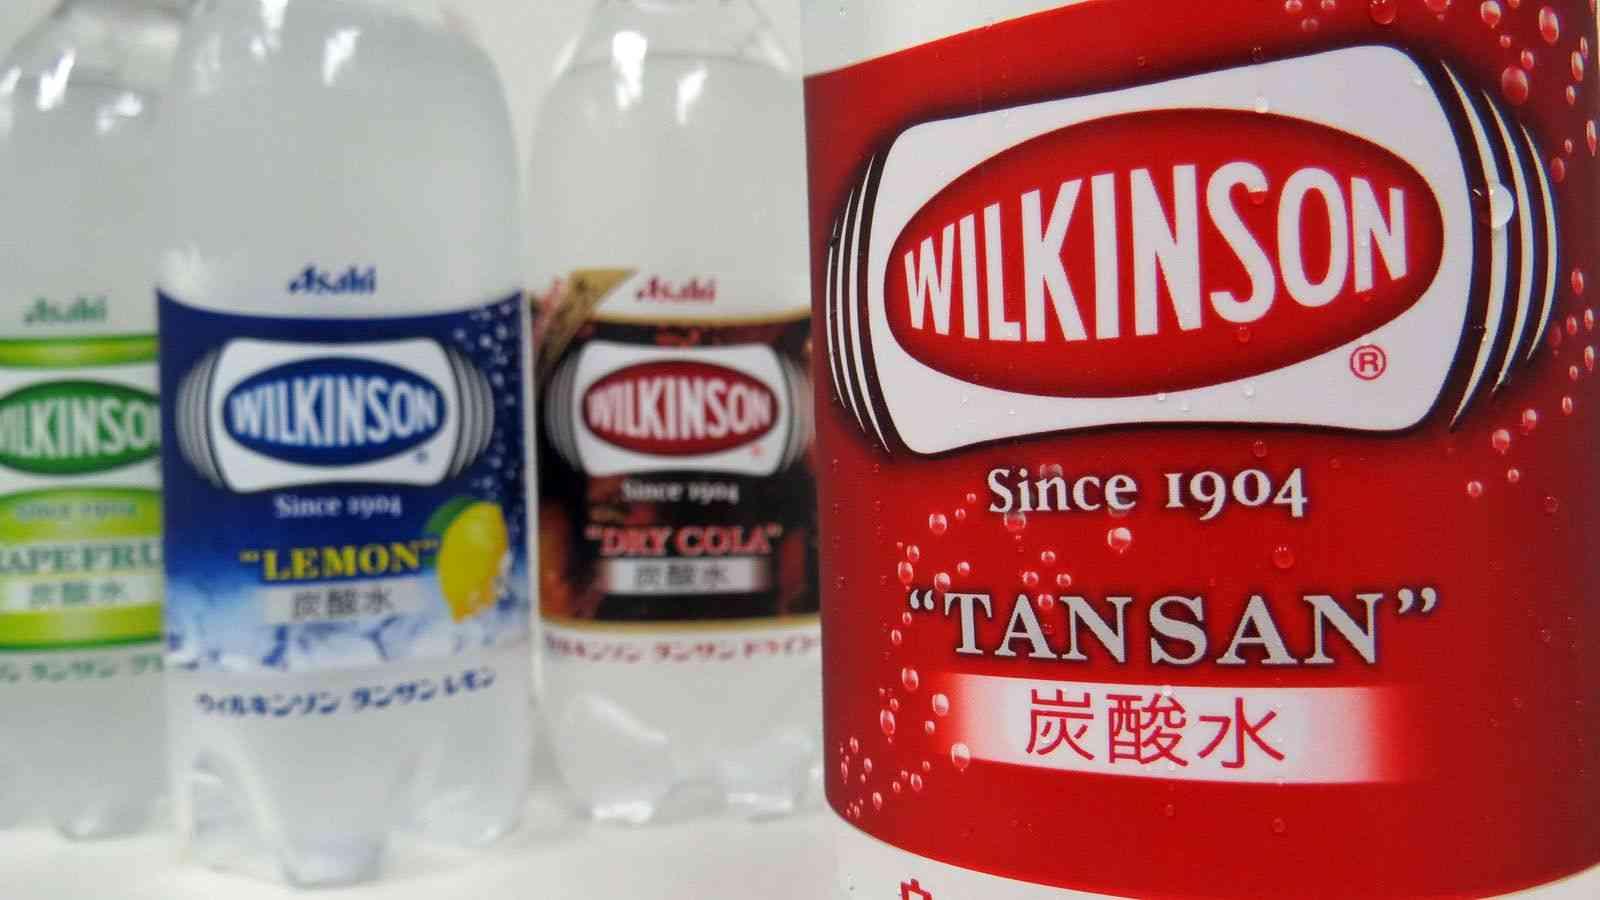 アサヒ秘蔵っ子 日本発祥の炭酸水「ウィルキンソン」がバカ売れ